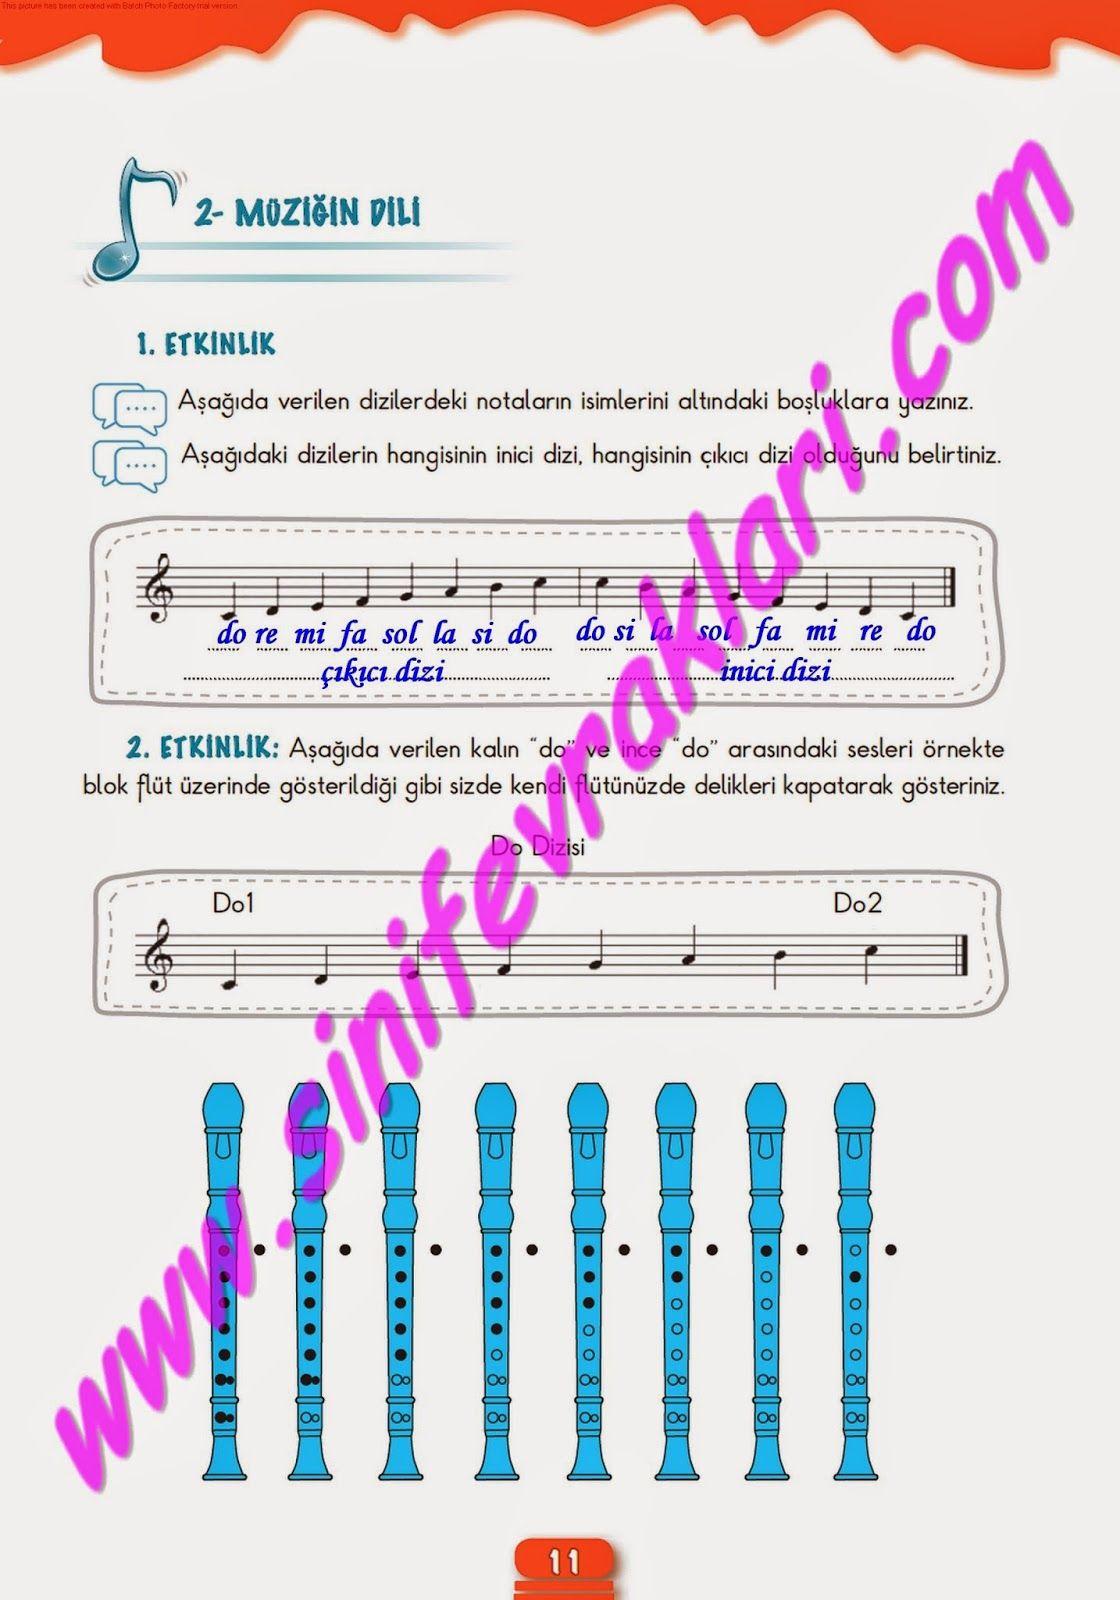 6sınıf Müzik çalışma Kitabı Cevapları Meb Yayınları Sayfa 11 Ders